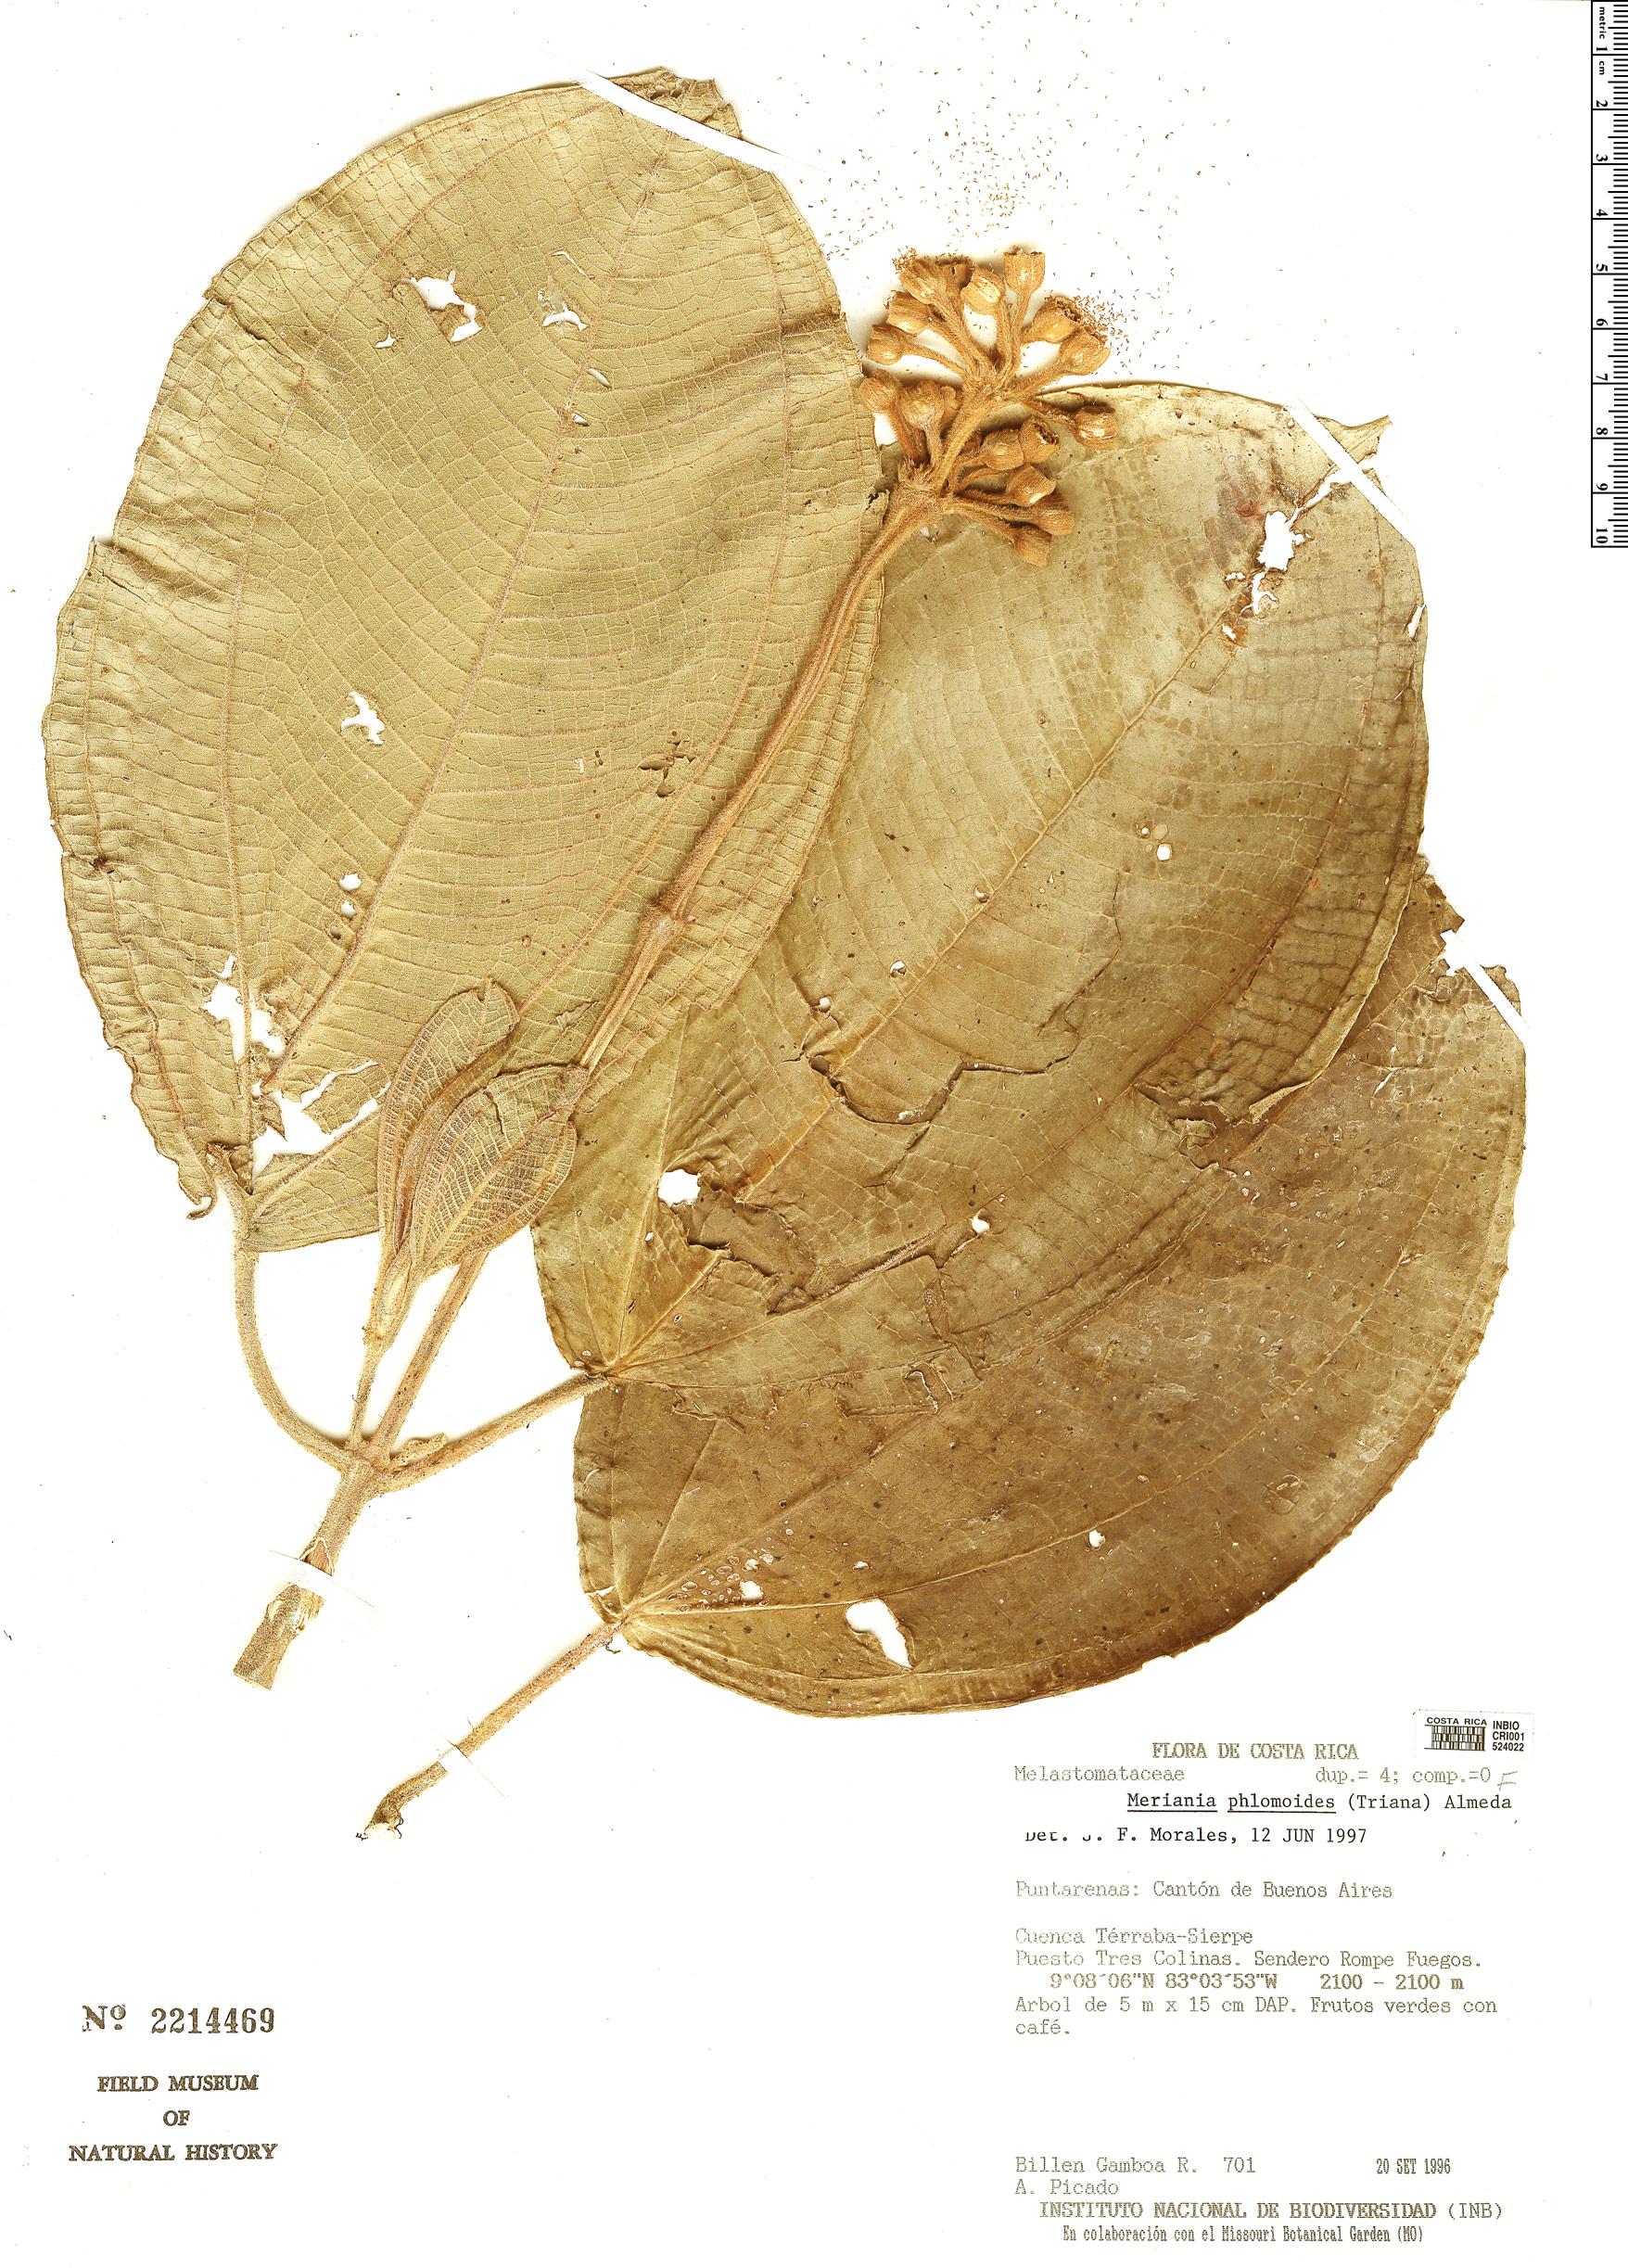 Specimen: Meriania phlomoides